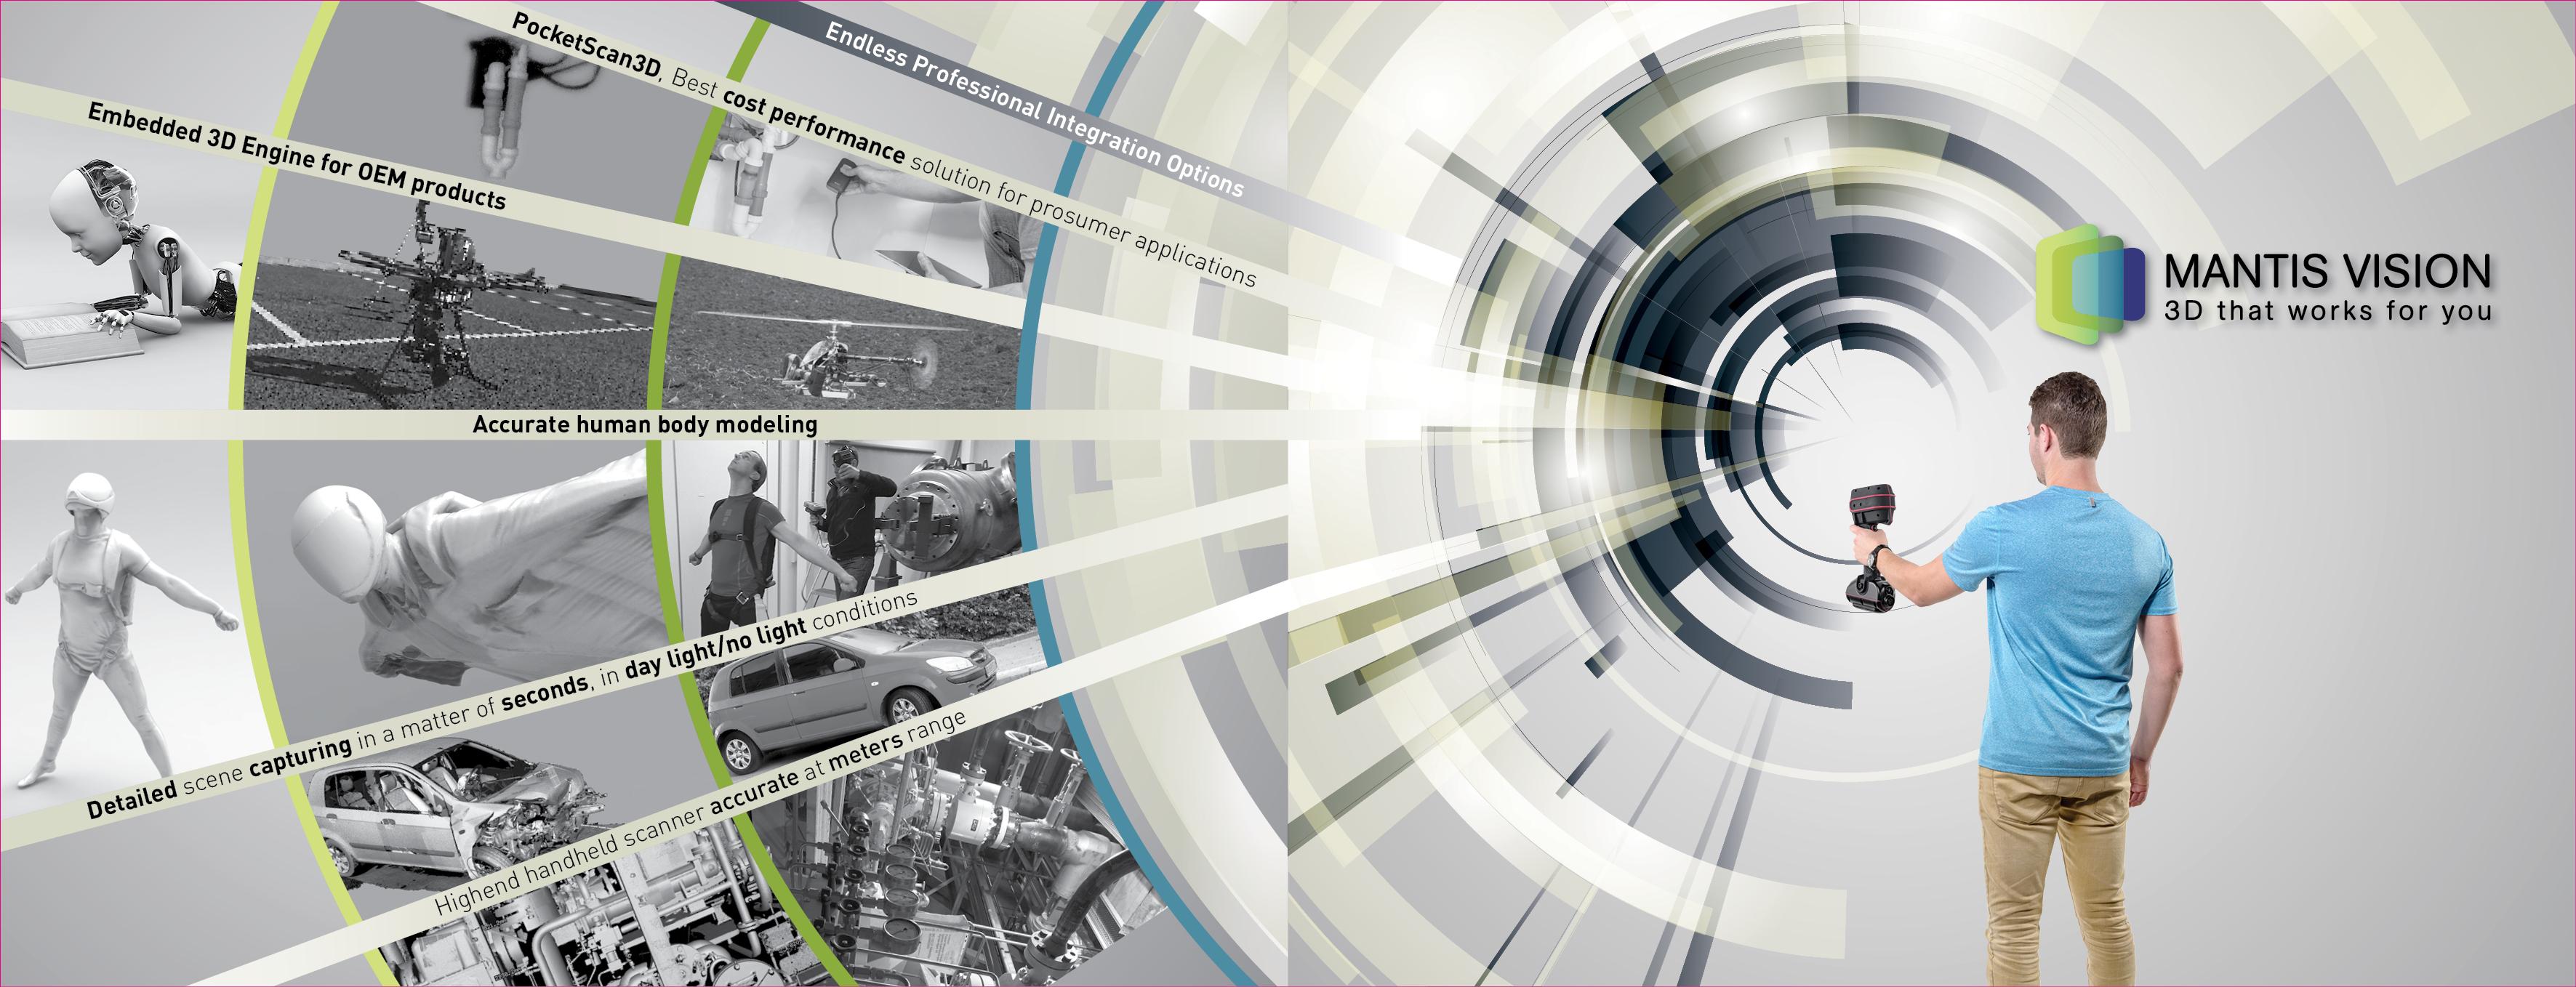 עיצוב קירות לתערוכה Mantis Vision